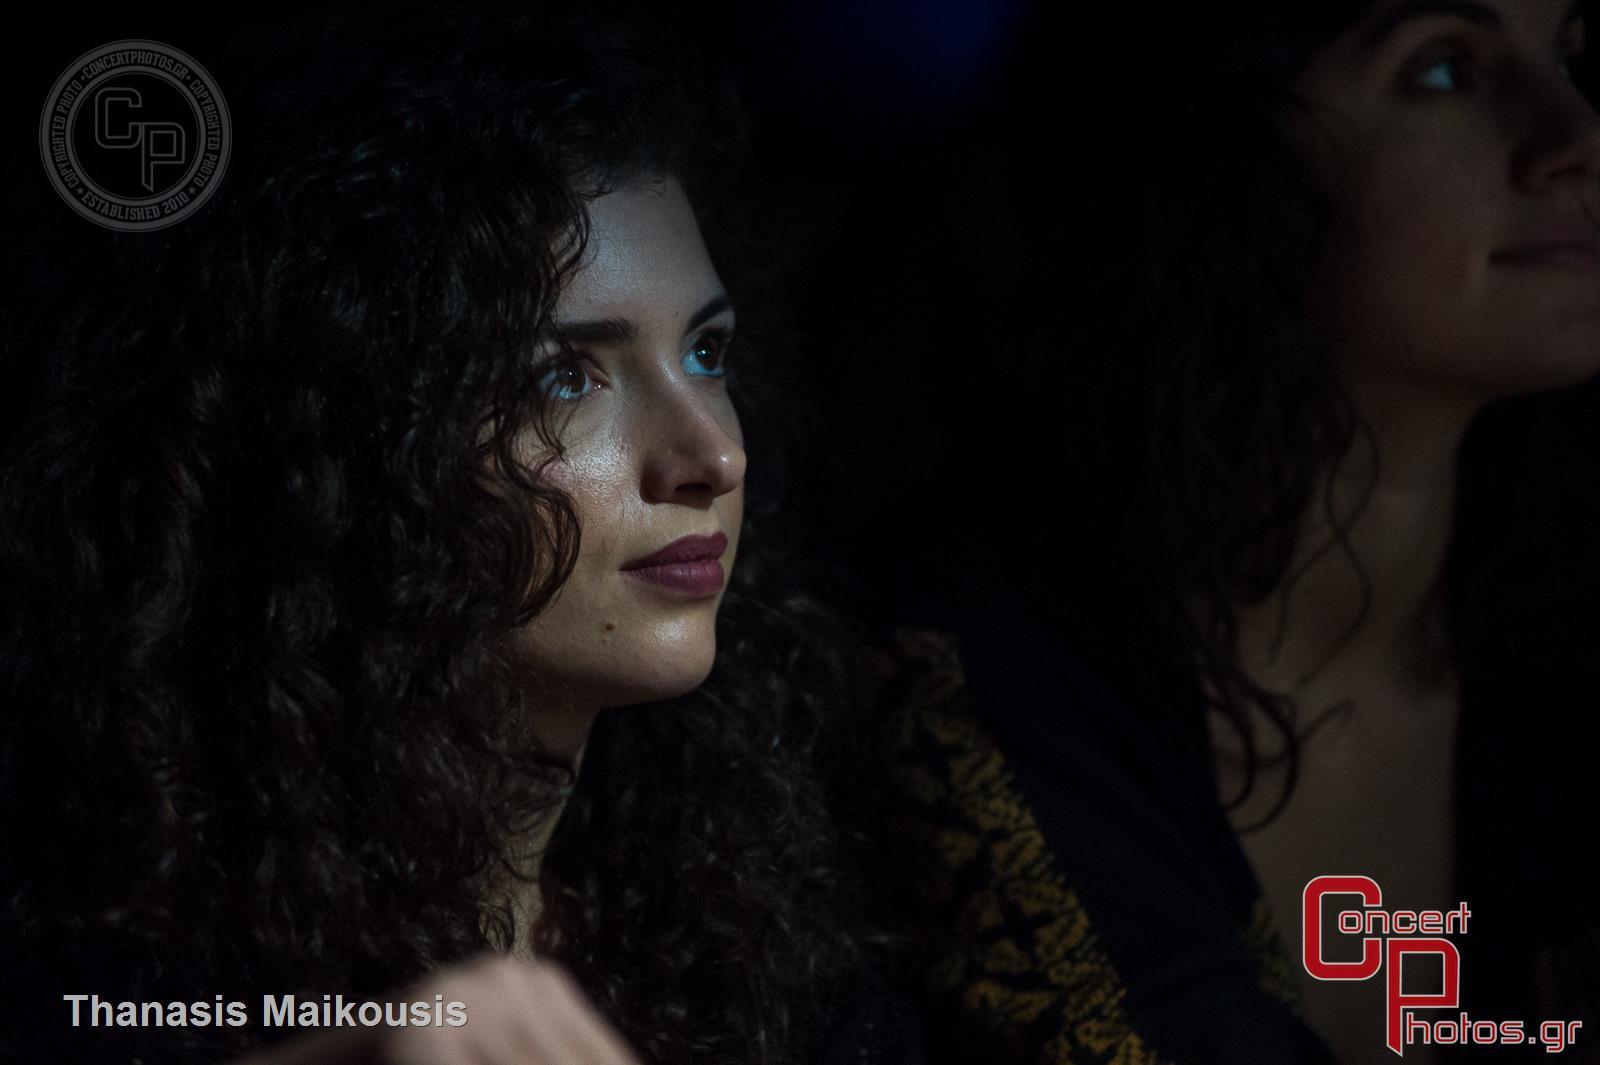 Allah Las & My Drunken Haze -Allah Las My Drunken Haze  photographer: Thanasis Maikousis - ConcertPhotos - 20141102_0030_52